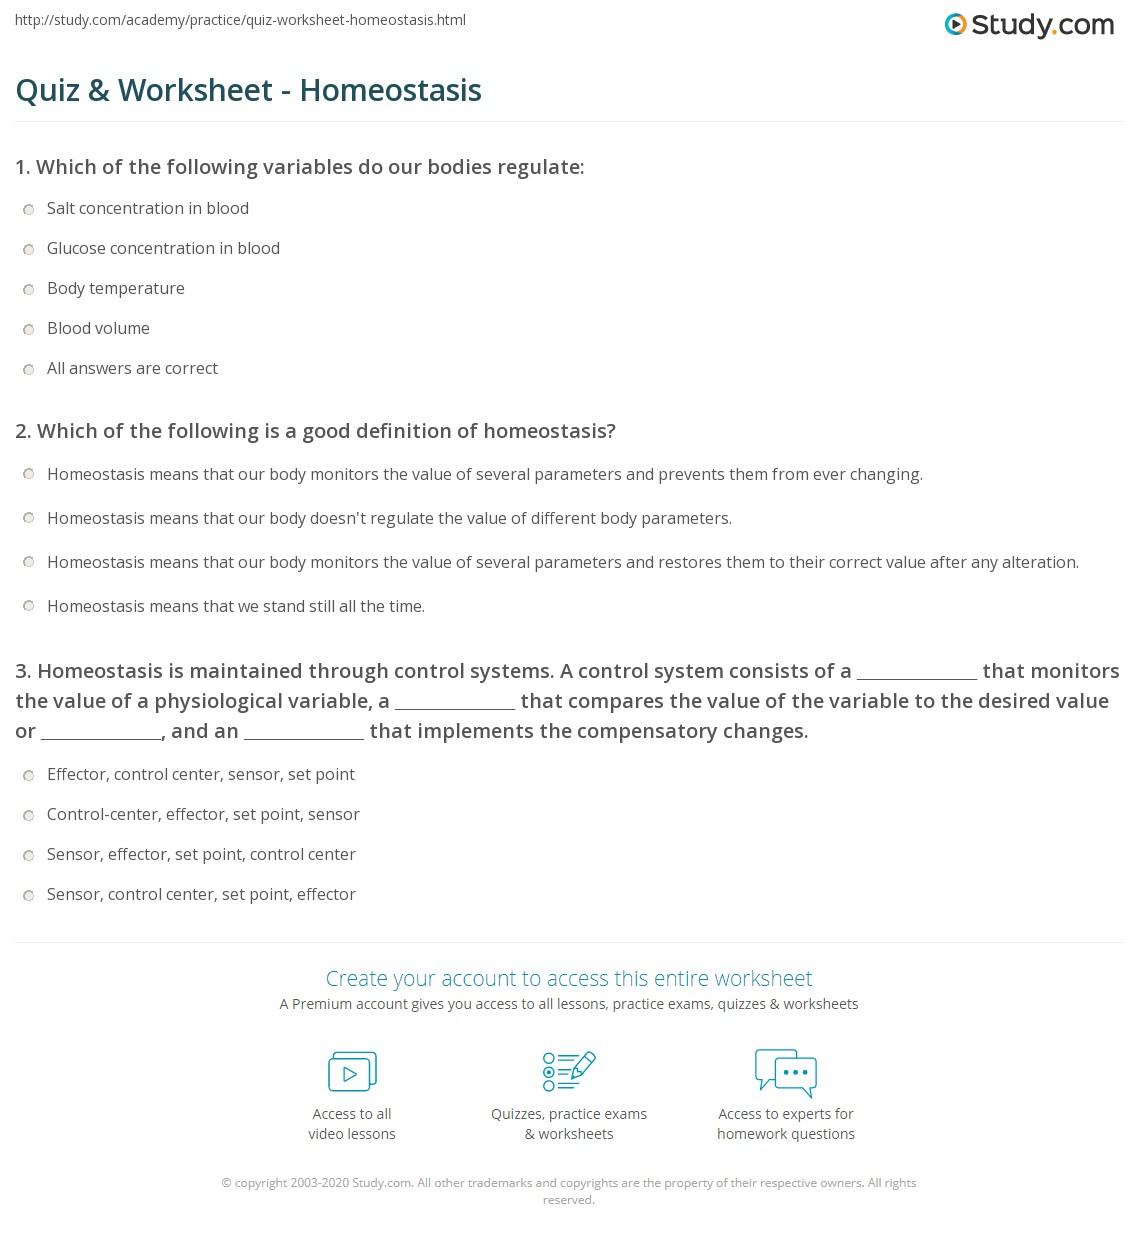 Printables Homeostasis Worksheet Messygracebook